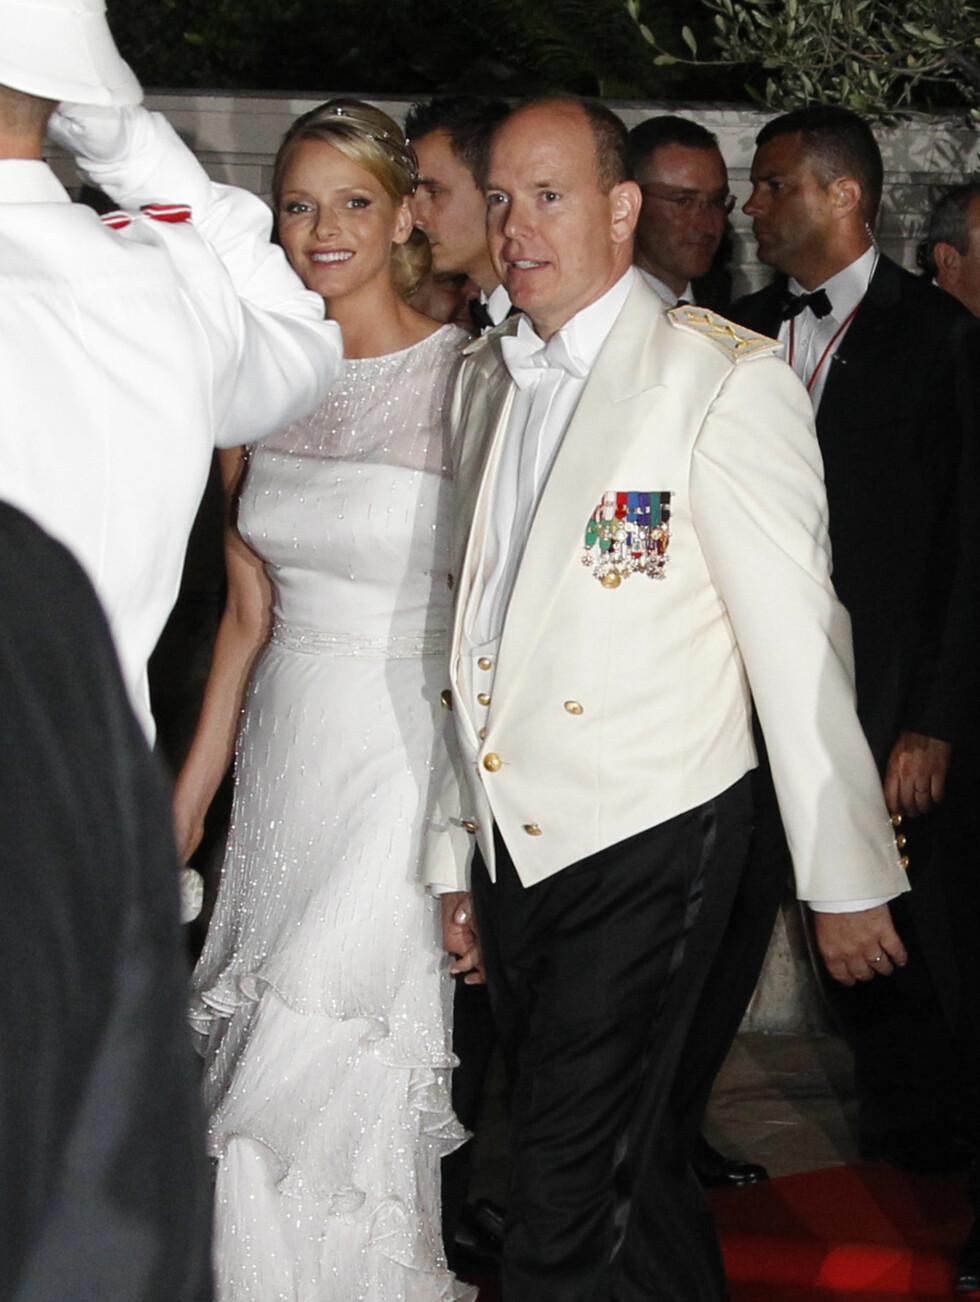 NYTT ANTREKK: Fyrst Albert og prinsesse Charlene på vei inn til gallamiddag etter sitt eget bryllup. Foto: Scanpix